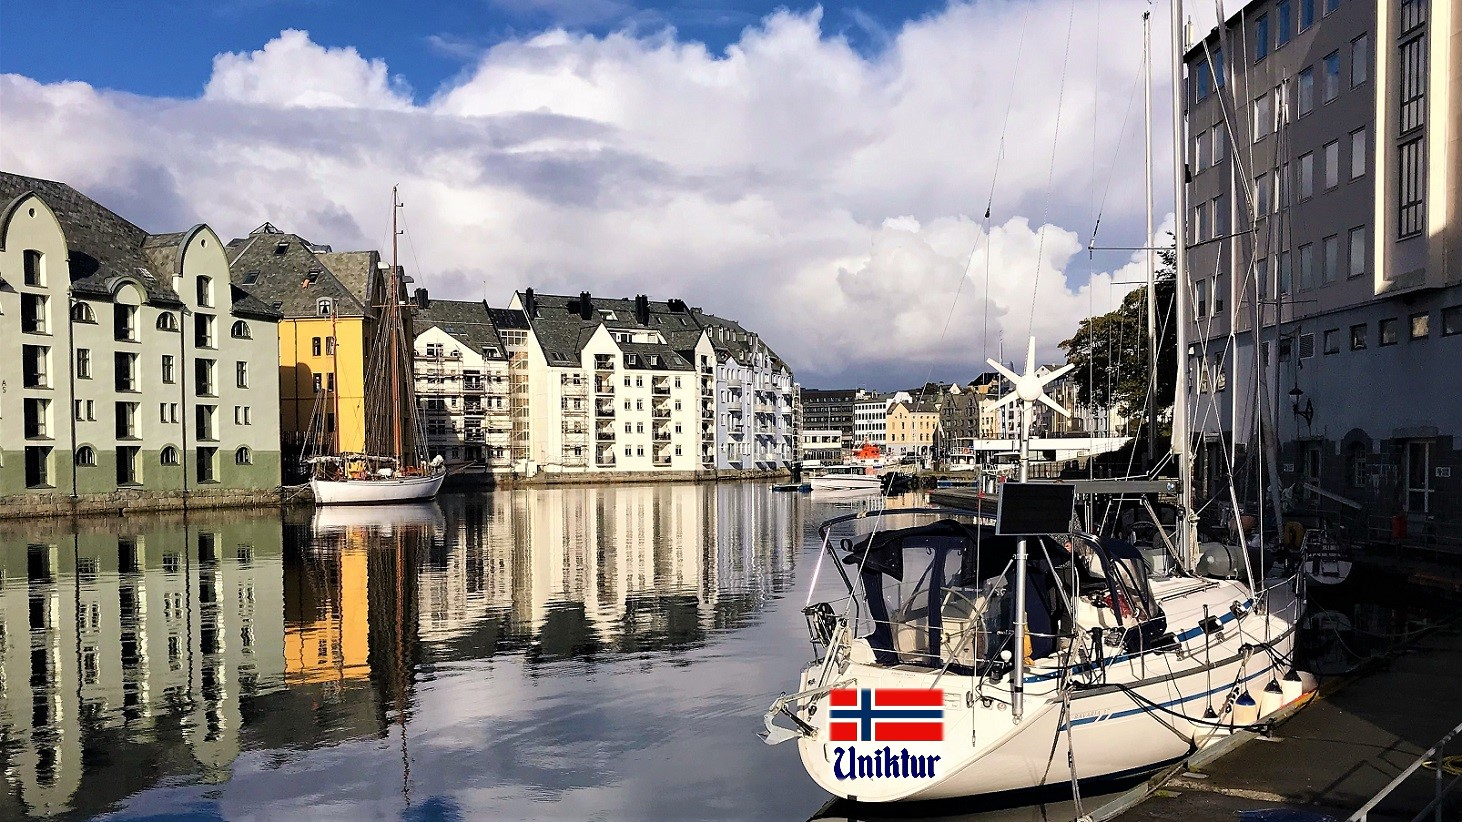 Туры в Норвегию с Uniktur